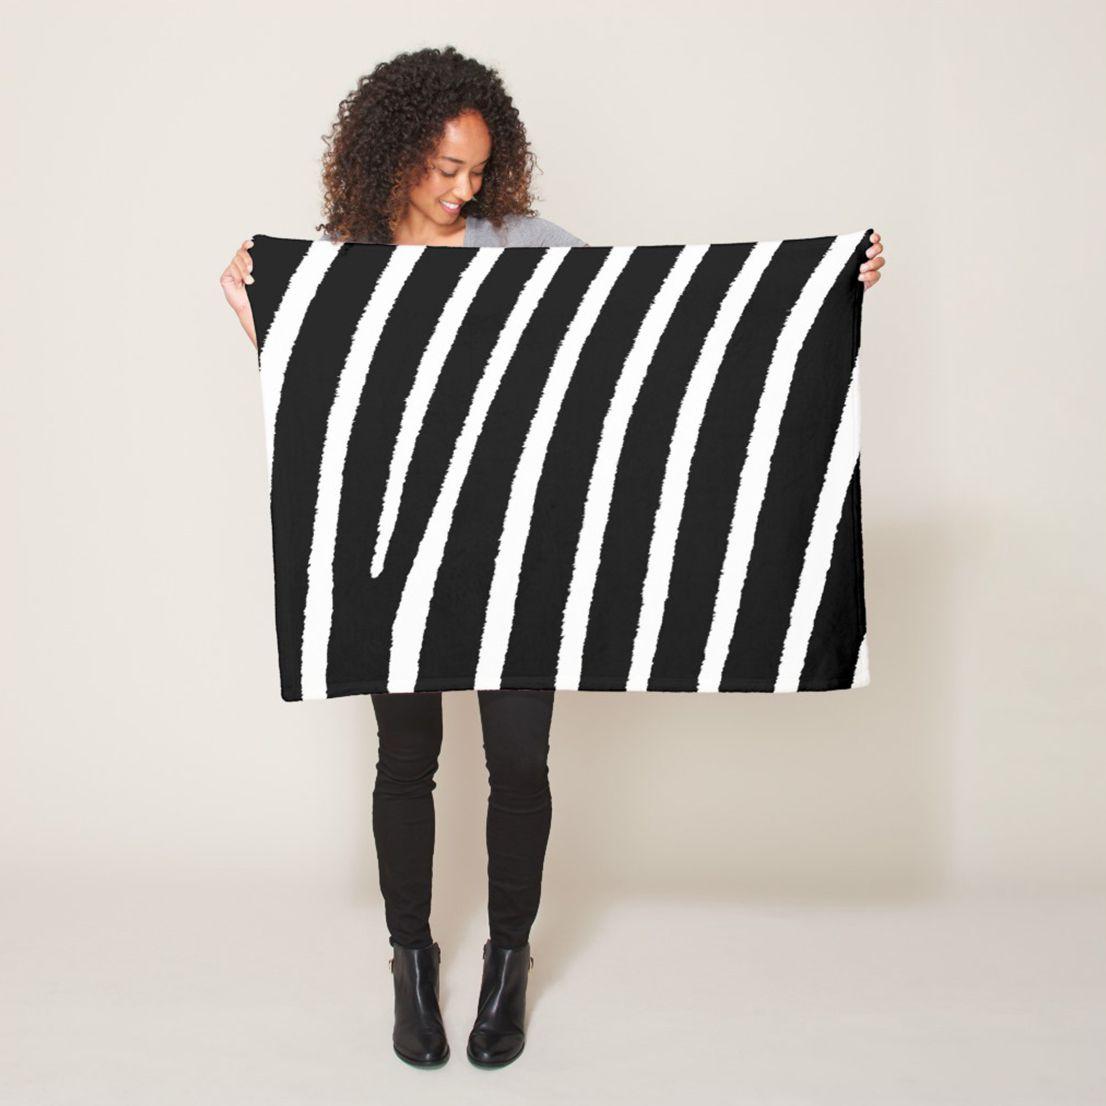 Modern fleece blanket with zebra stripes pattern in home